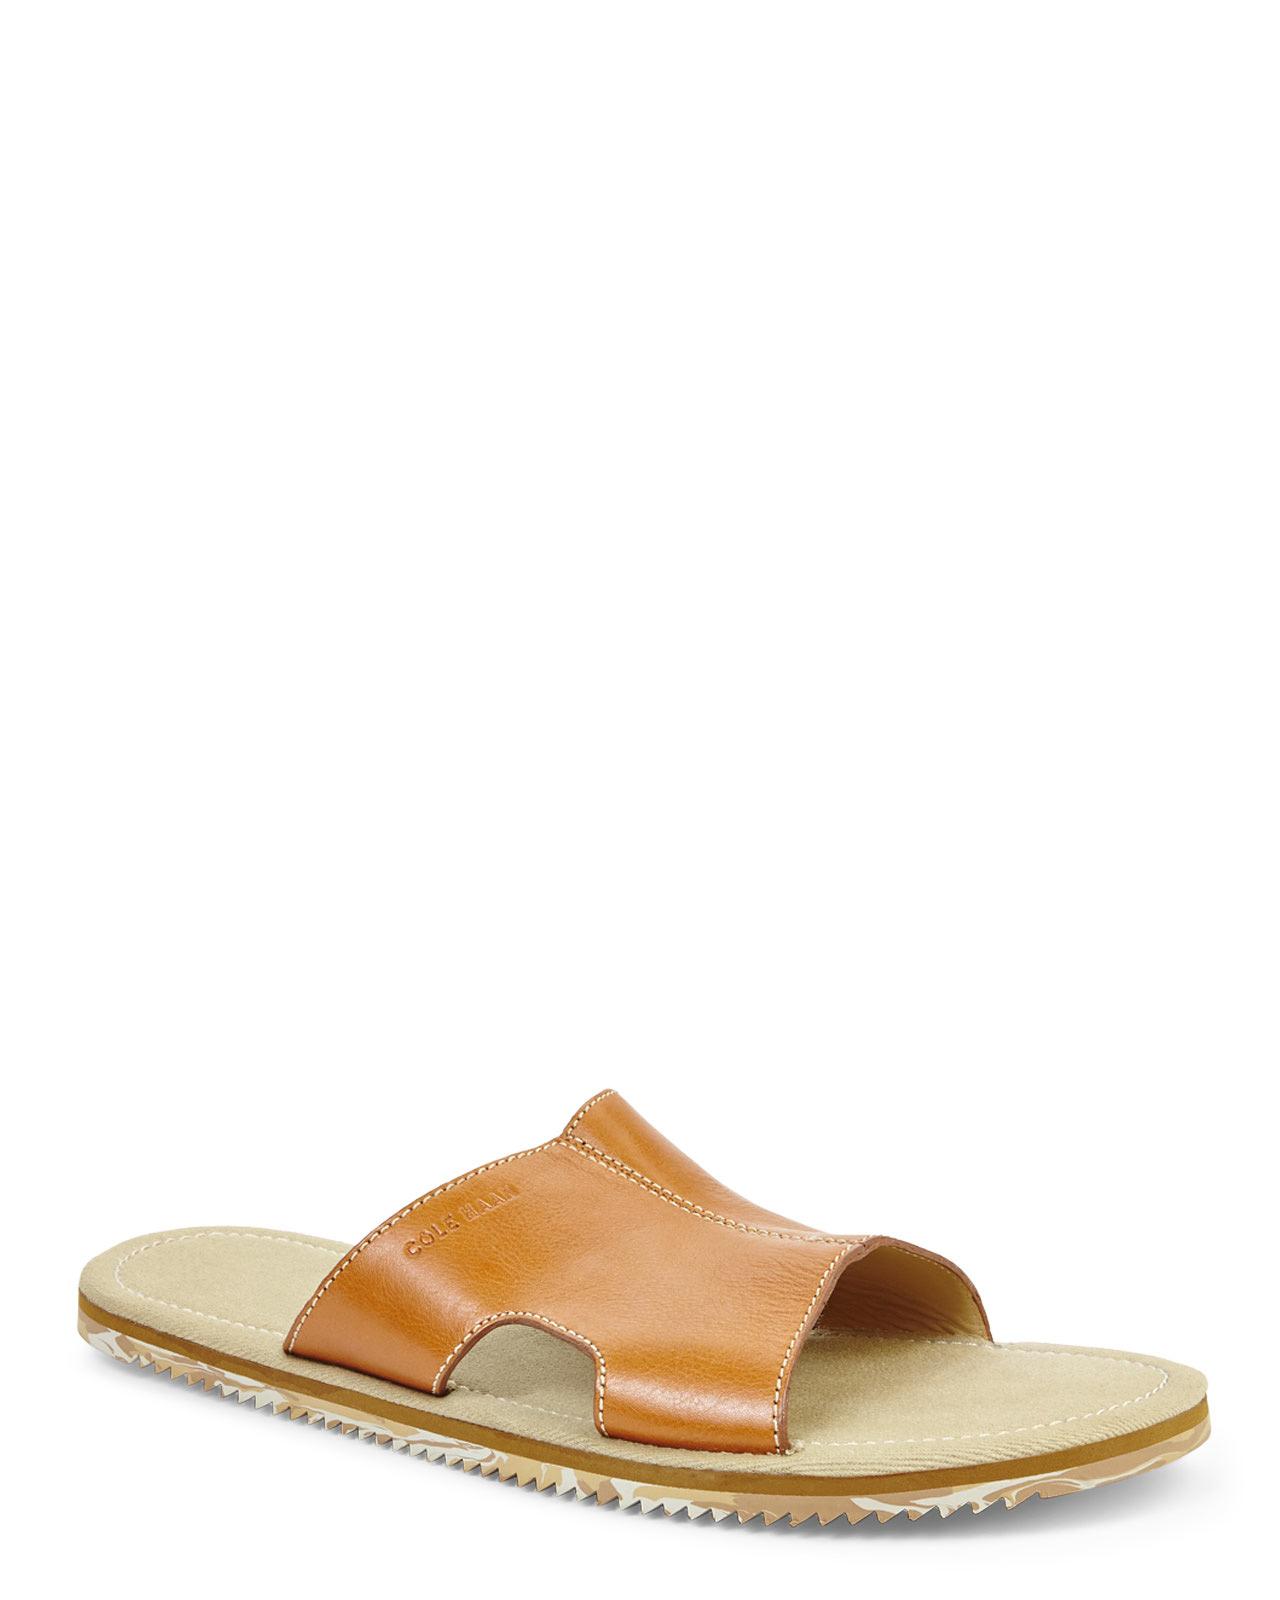 Cole Haan Meyer Slide- Tan sandals